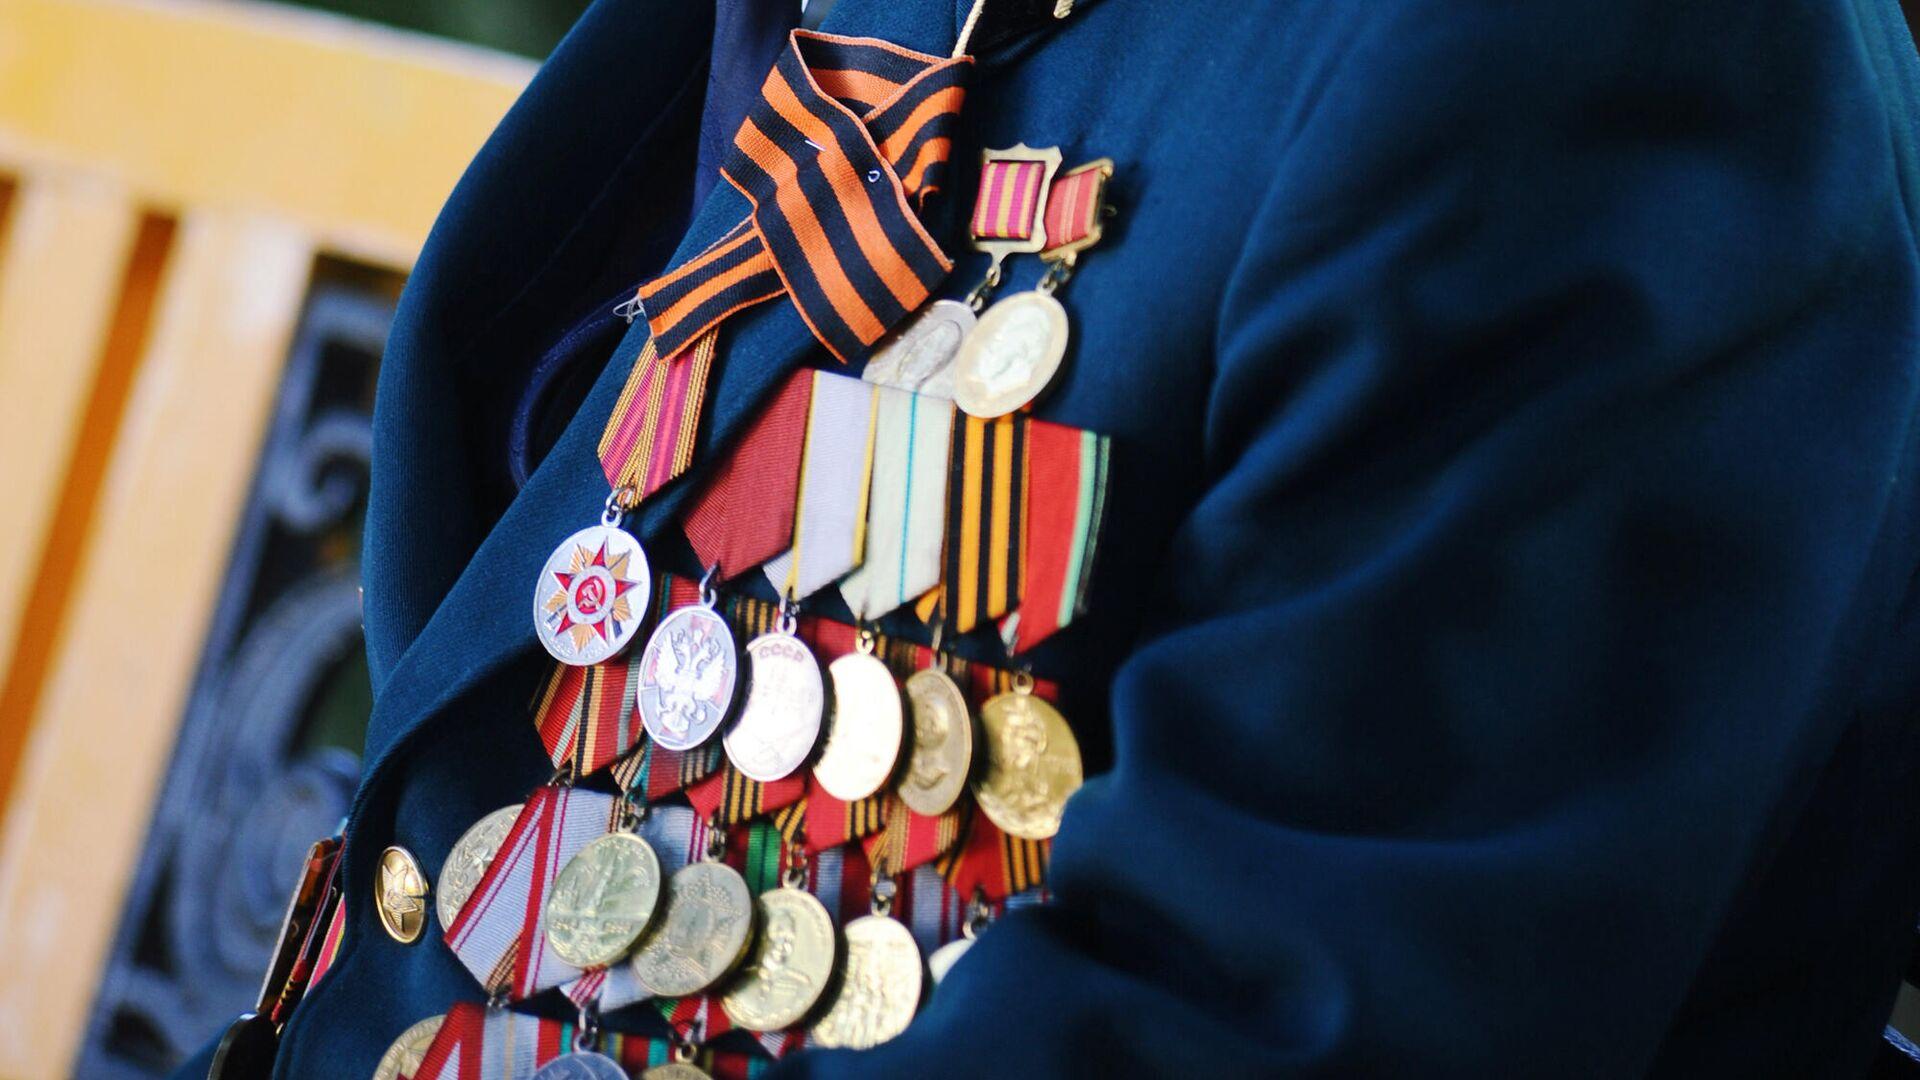 Медали на груди ветерана Великой отечественной войны - РИА Новости, 1920, 27.05.2021